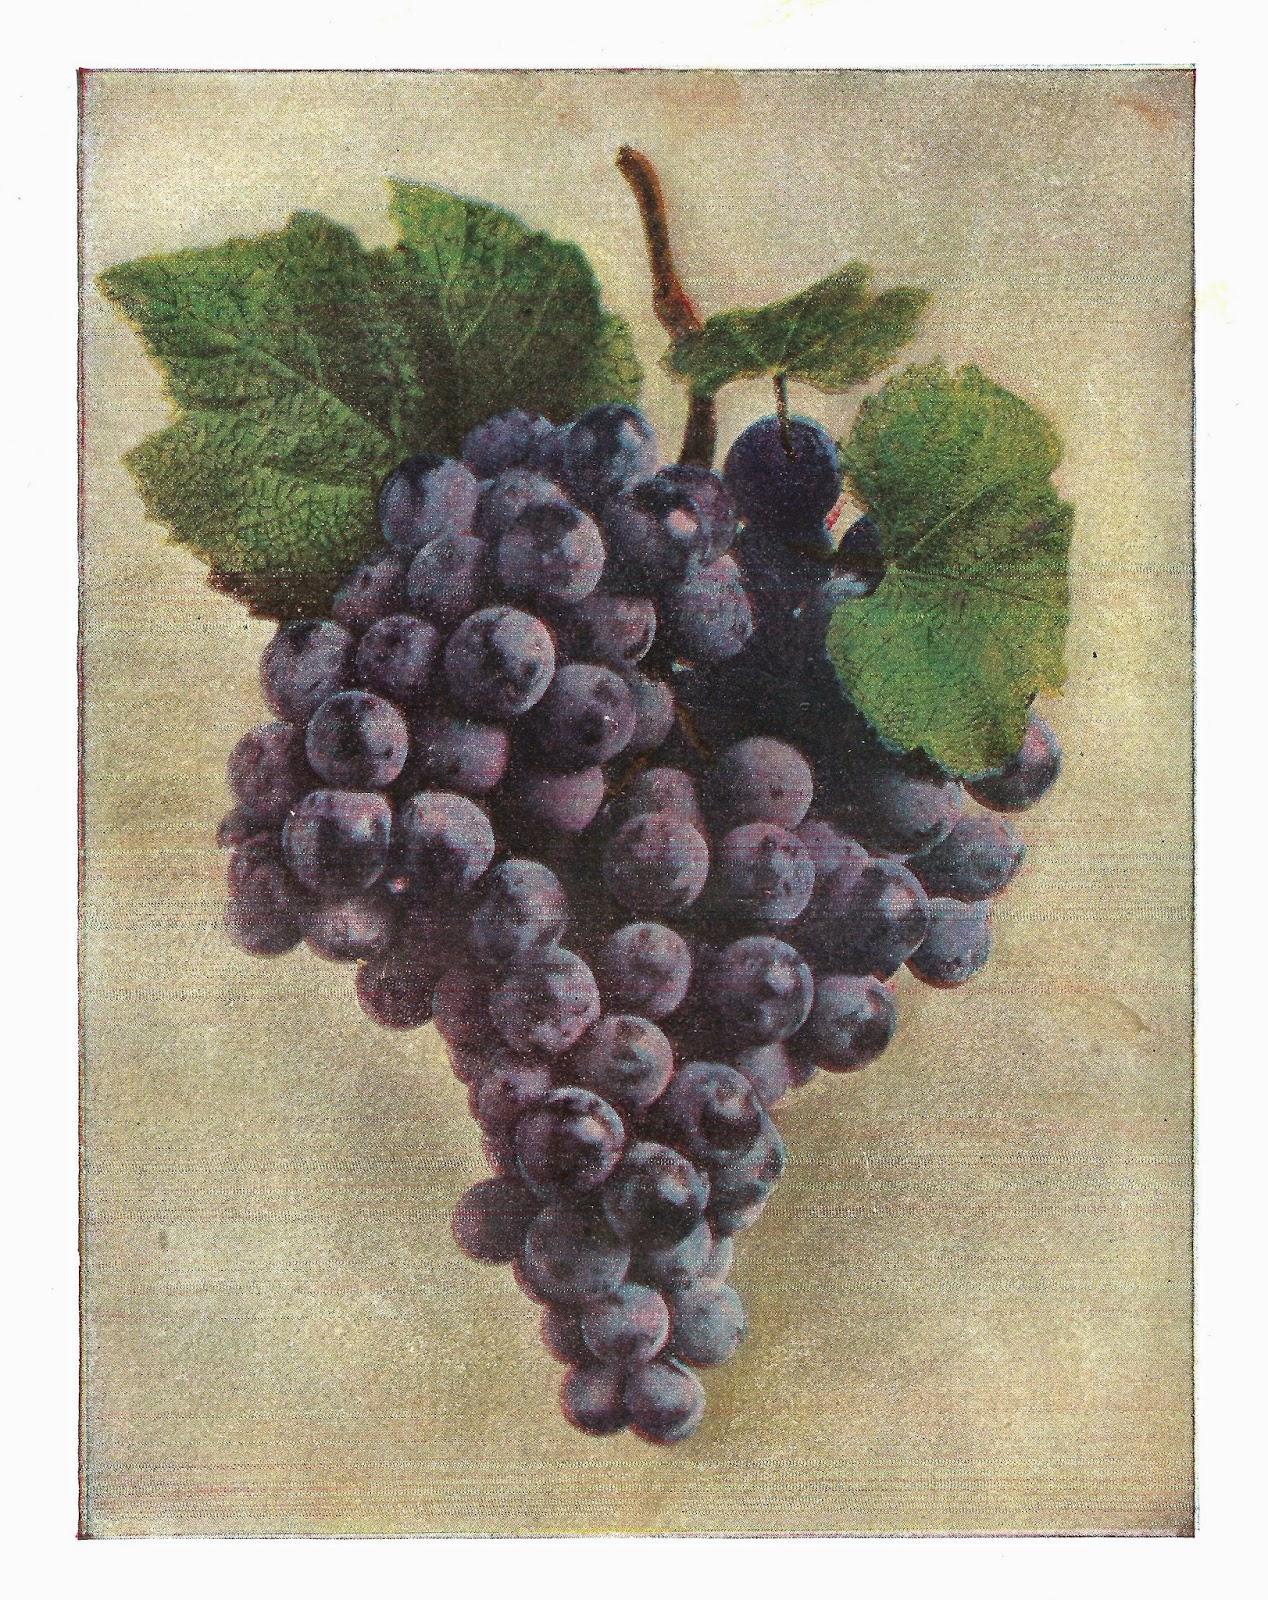 http://3.bp.blogspot.com/-vnHu_hSDqVk/U1Qkl1q8kII/AAAAAAAATqQ/9zrdQ44Yuew/s1600/purple_grapes.jpg